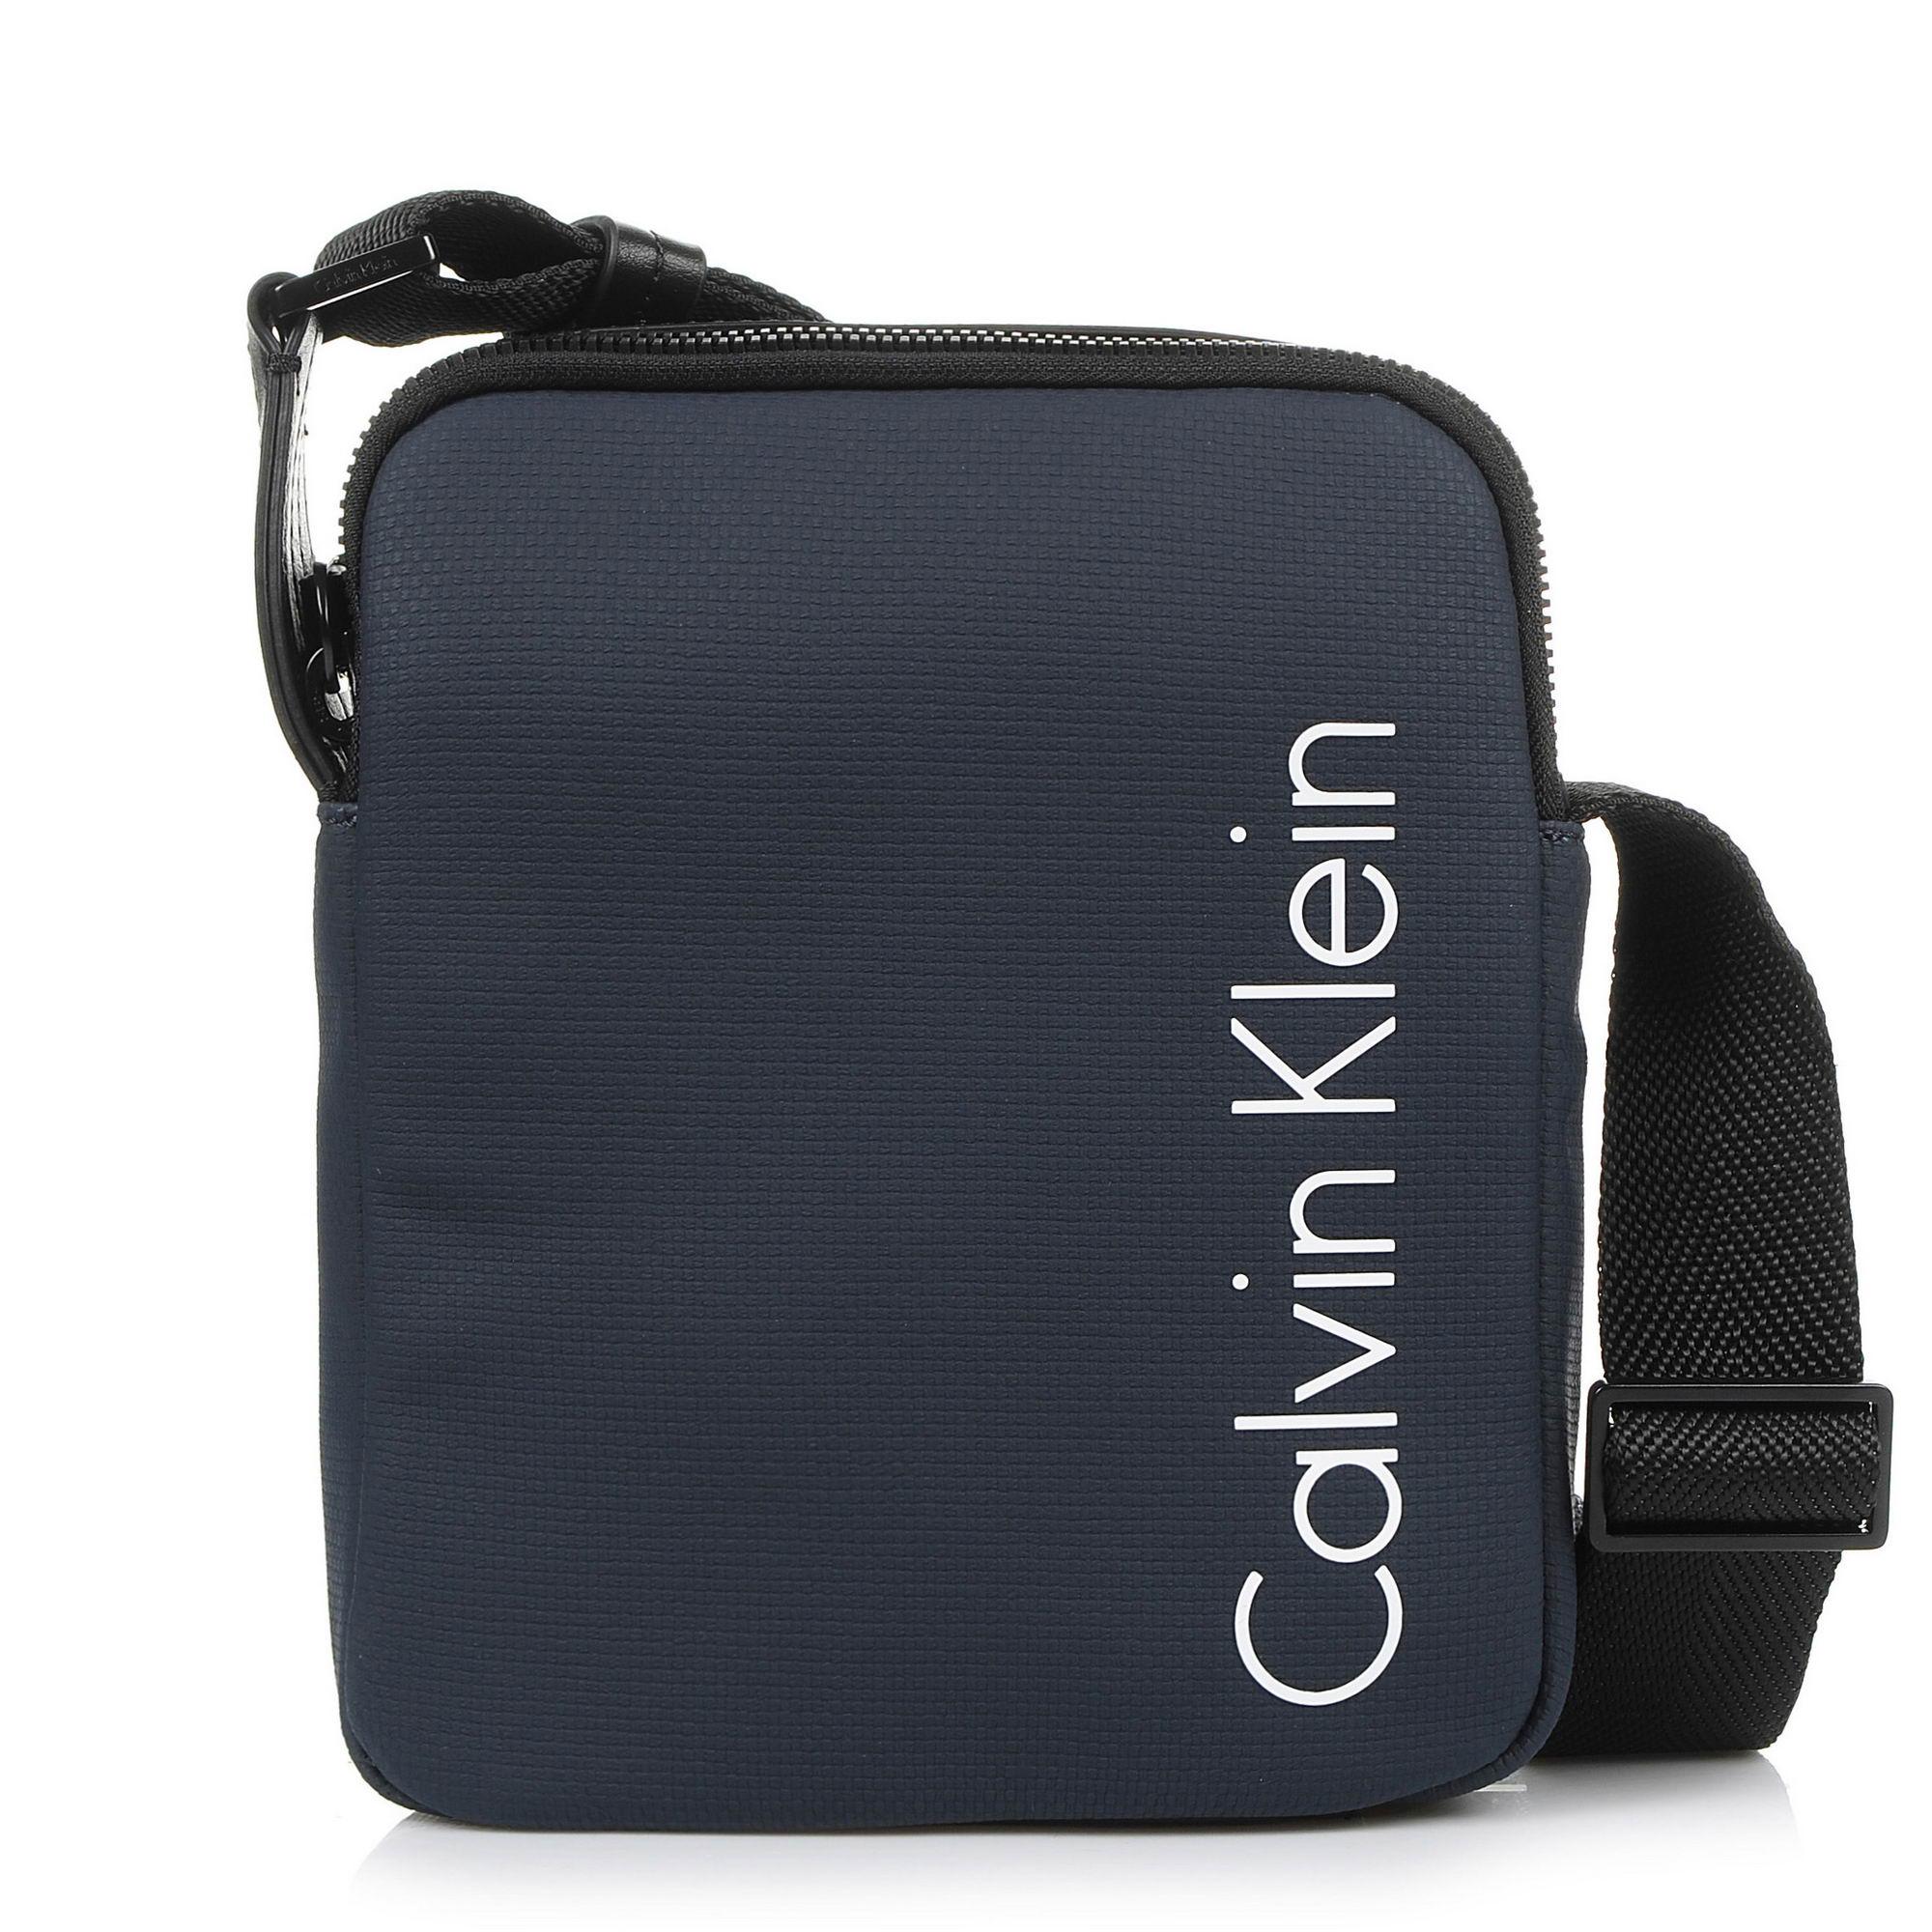 Τσαντάκι Χιαστί Calvin Klein Quad Stitch Mini Rep K50K503517 ανδρας   τσαντάκι χιαστί